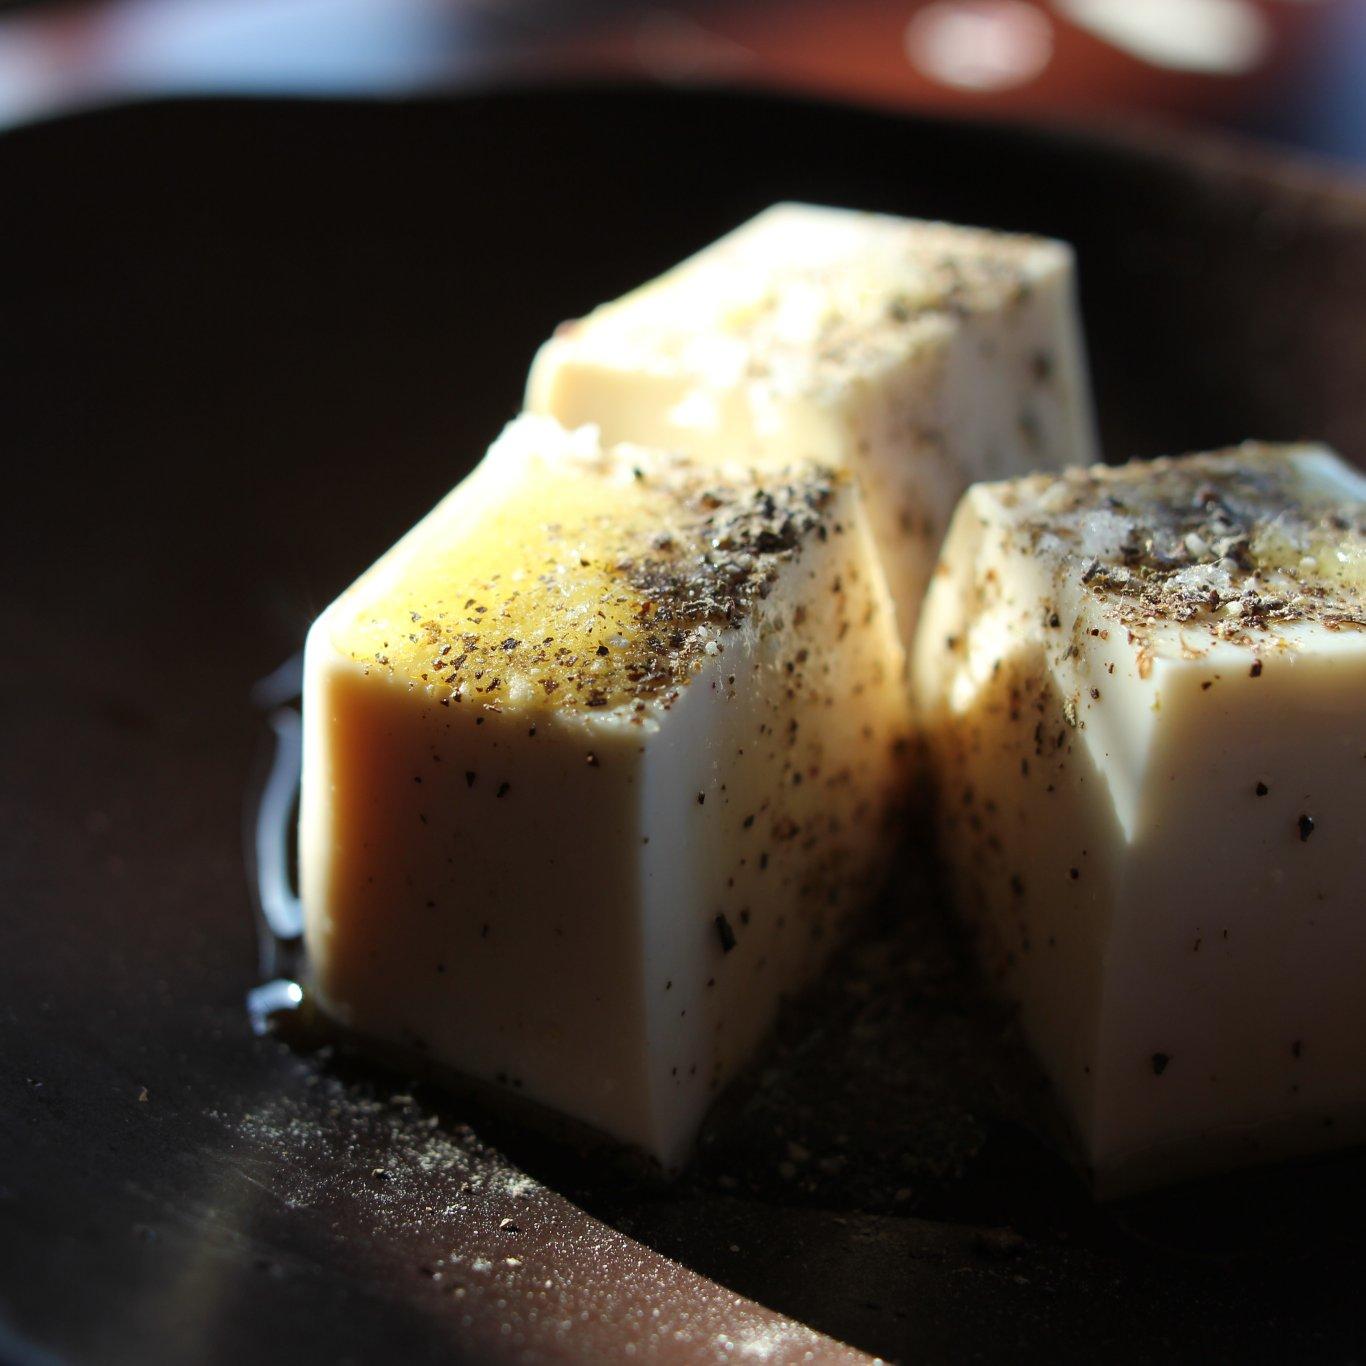 ニンニクとホーリーバジルで作った魔法の粉 10g 調味料/その他調味料通販